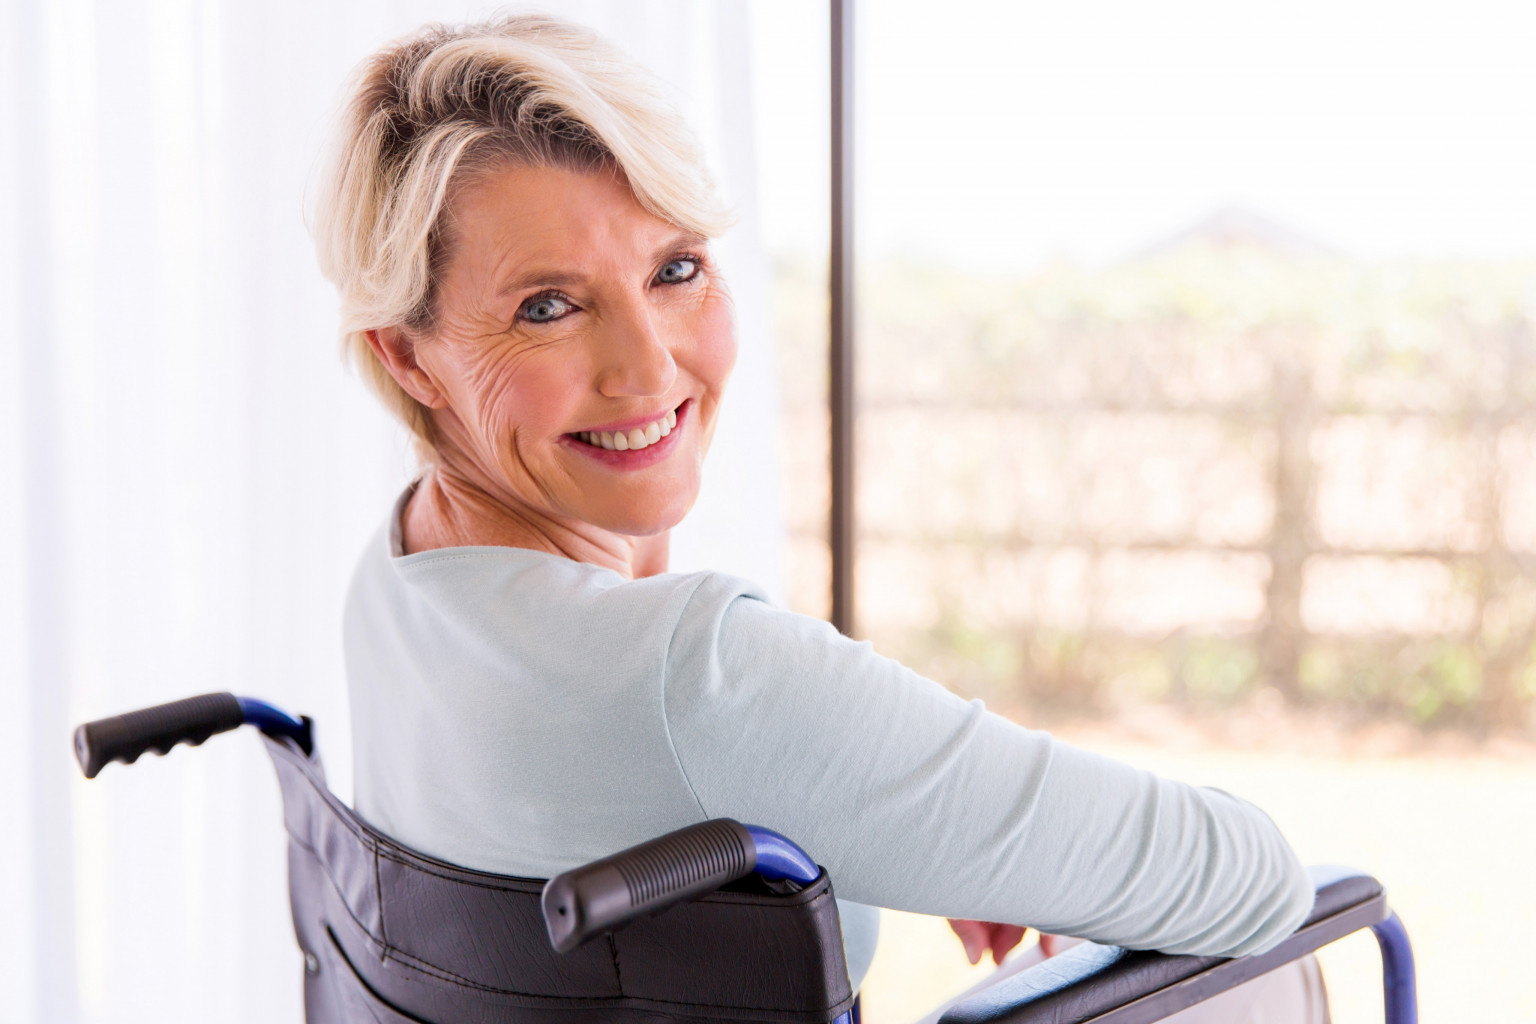 aide-a-domicile-autonomie-douce-heure-sclerose-en-plaques-niort